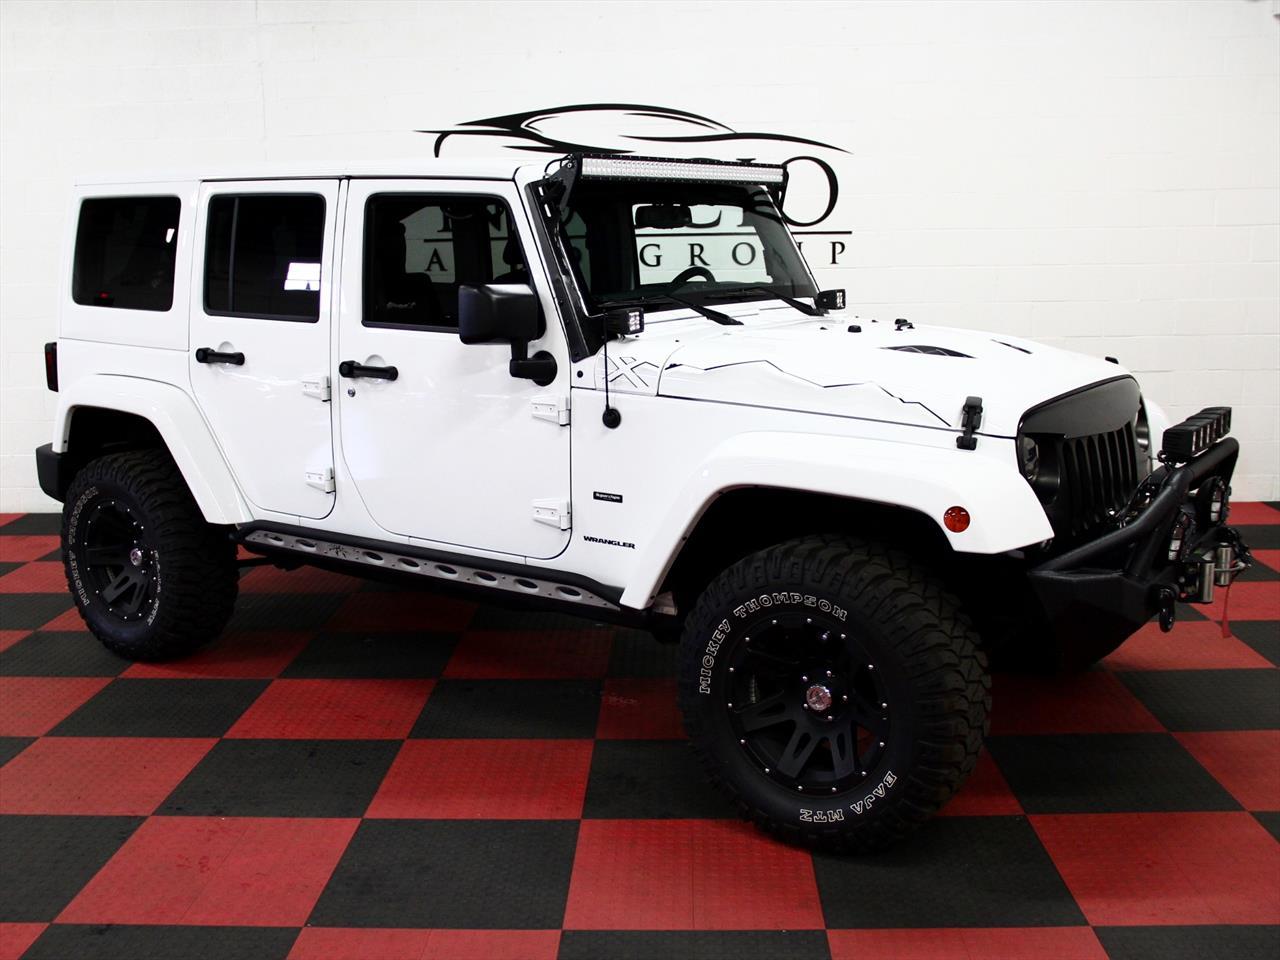 2015 jeep wrangler sahara unlimited. Black Bedroom Furniture Sets. Home Design Ideas